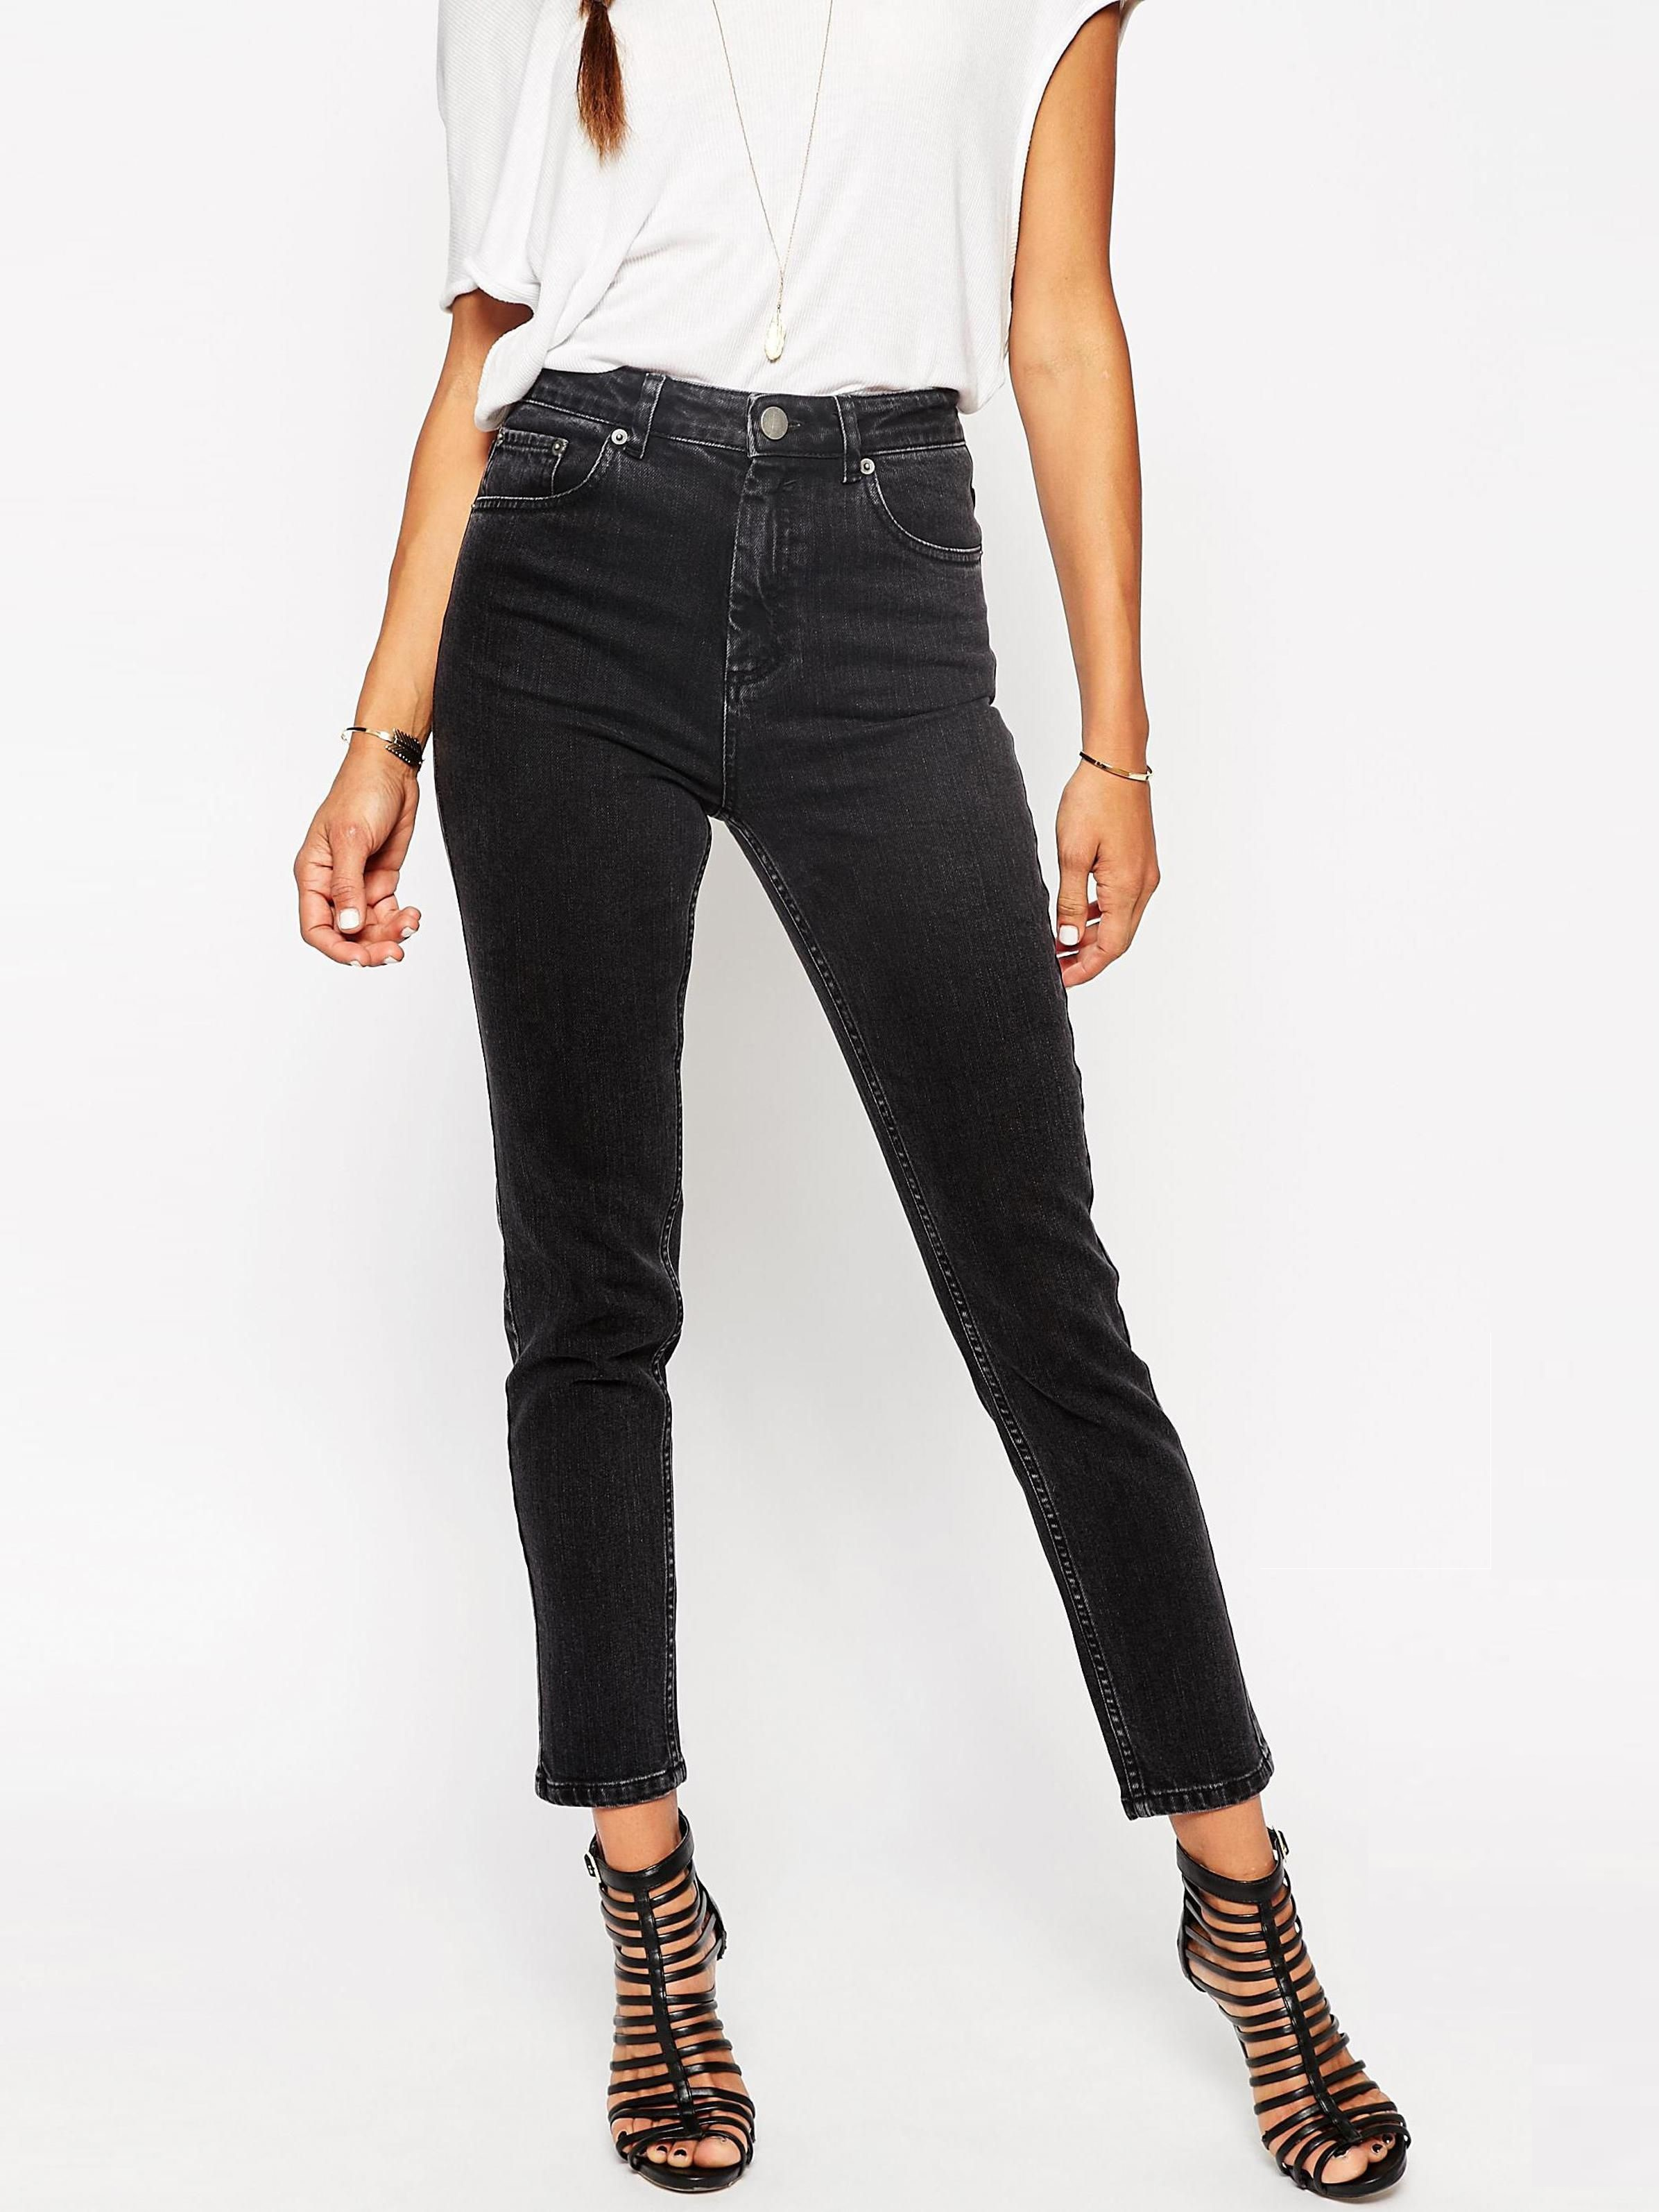 Черные зауженные джинсы с завышенной талией ASOS ASA010920-2 Черный Free Style